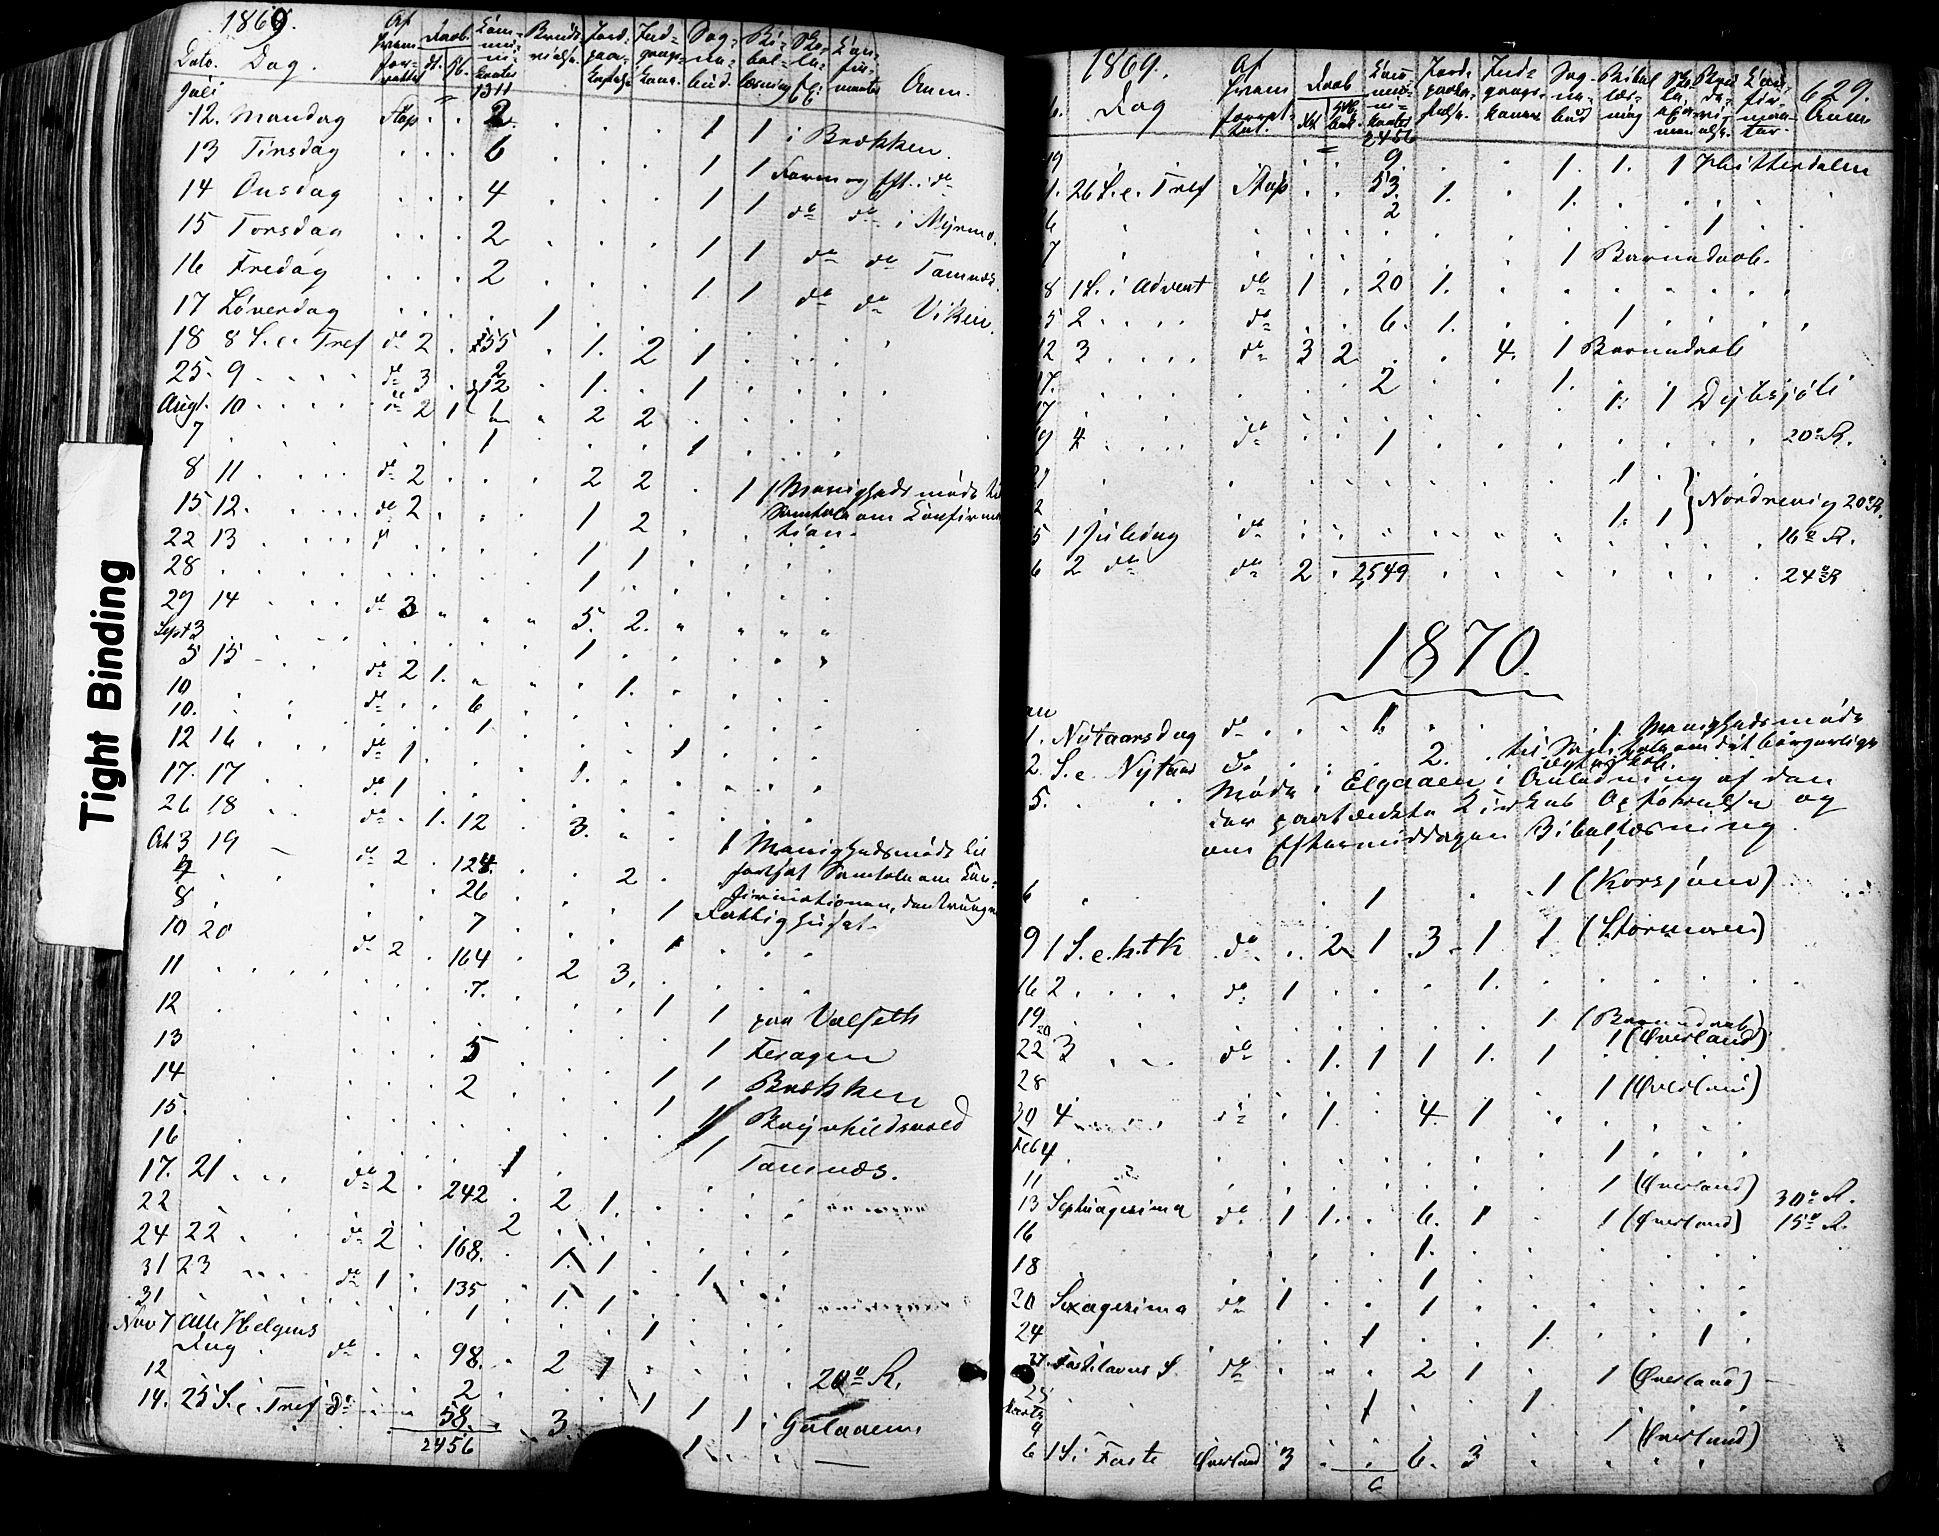 SAT, Ministerialprotokoller, klokkerbøker og fødselsregistre - Sør-Trøndelag, 681/L0932: Ministerialbok nr. 681A10, 1860-1878, s. 629